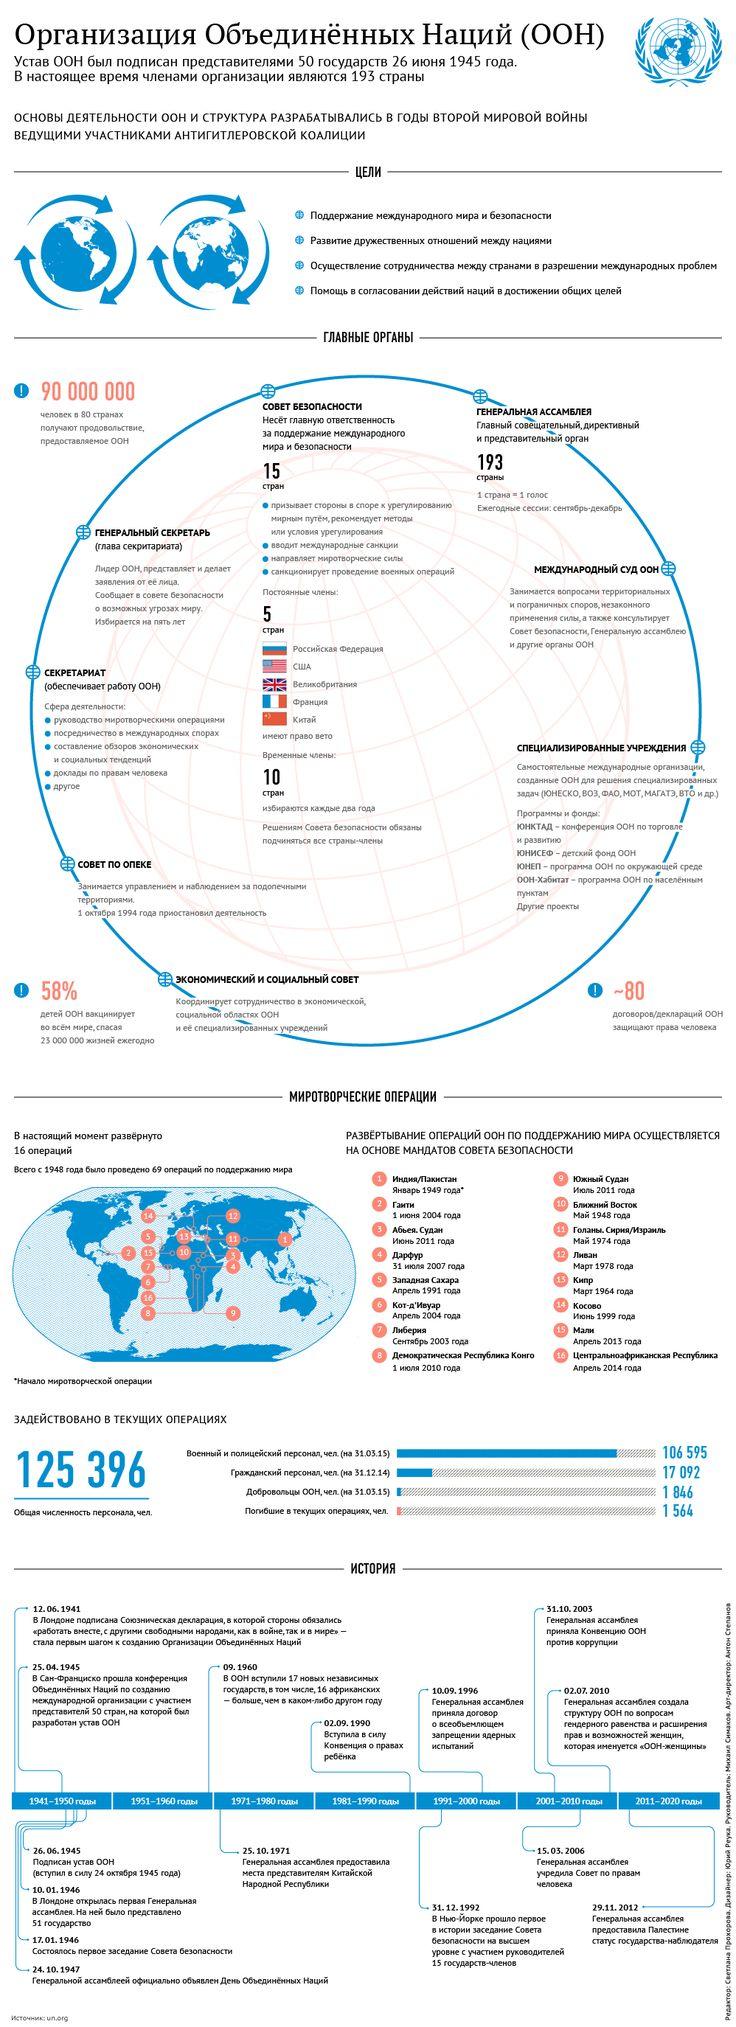 Структура и история ООН